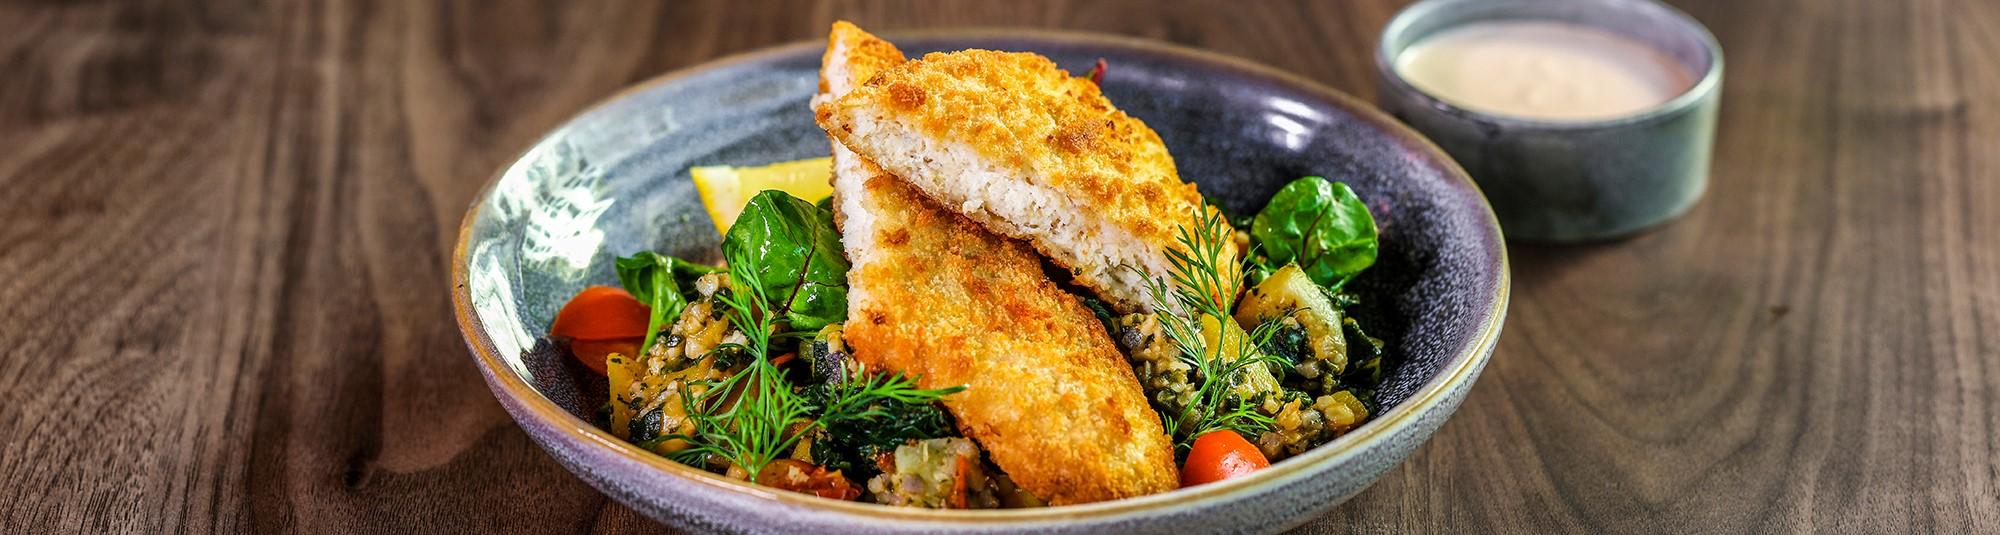 Lättpanerade fiskfiléer med Veggie Sides